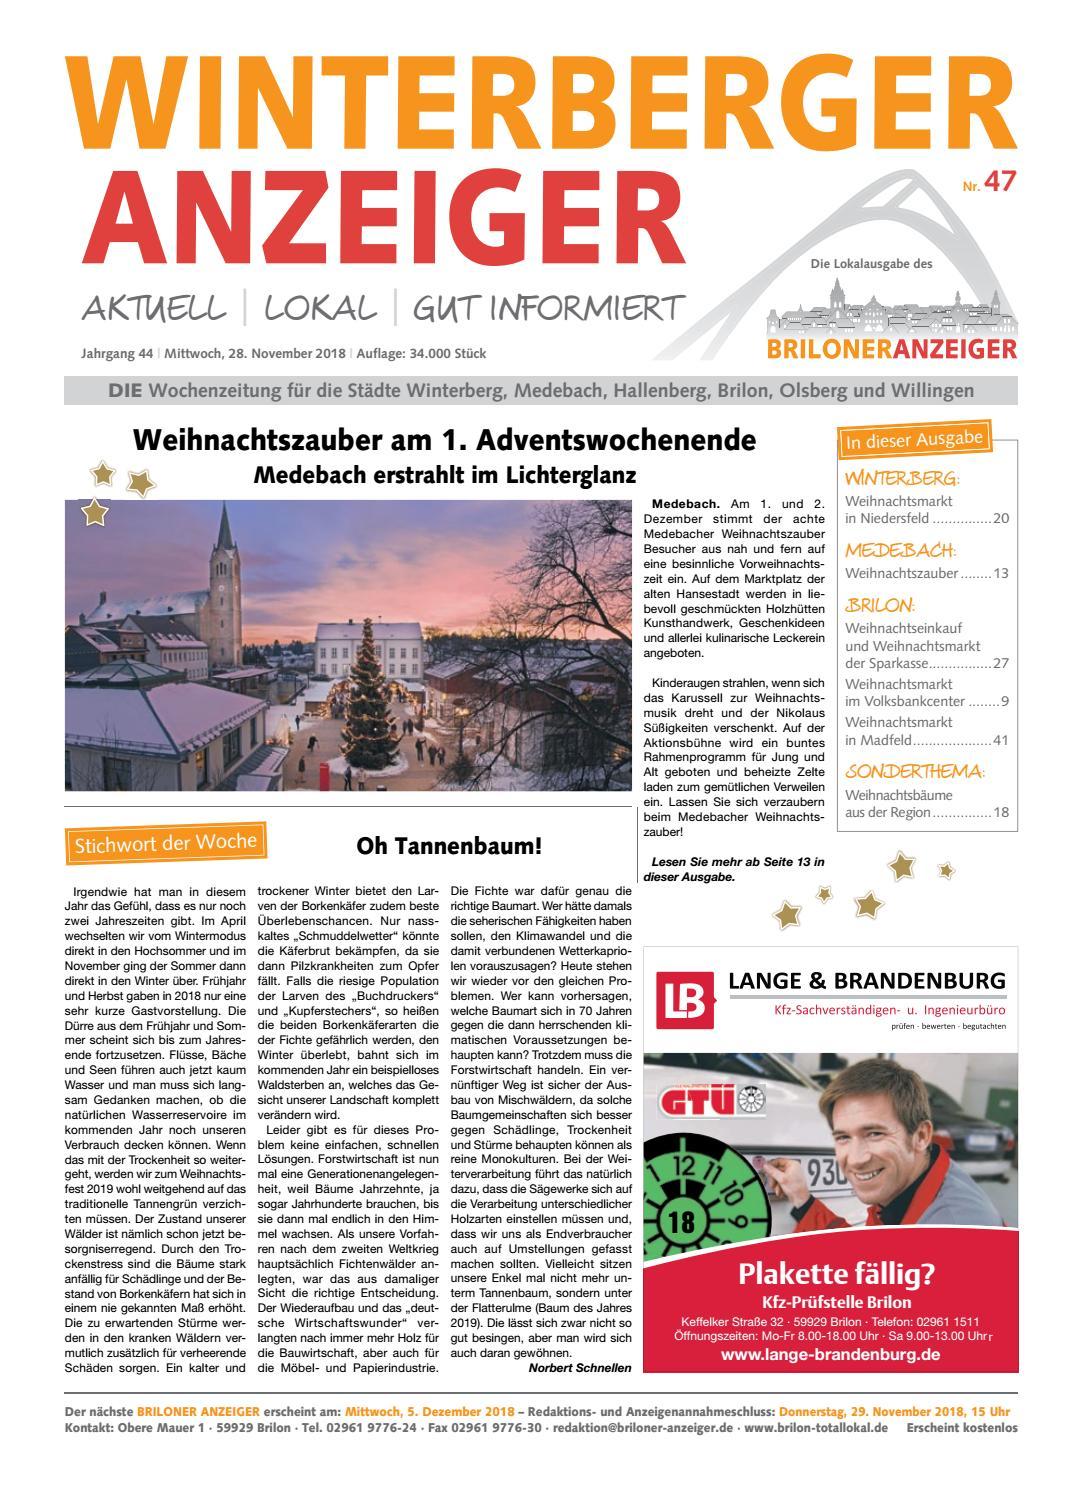 fdb7784914c7 Winterberger Anzeiger Ausgabe vom 28.11.2018 Nr. 47 by Brilon-totallokal -  issuu